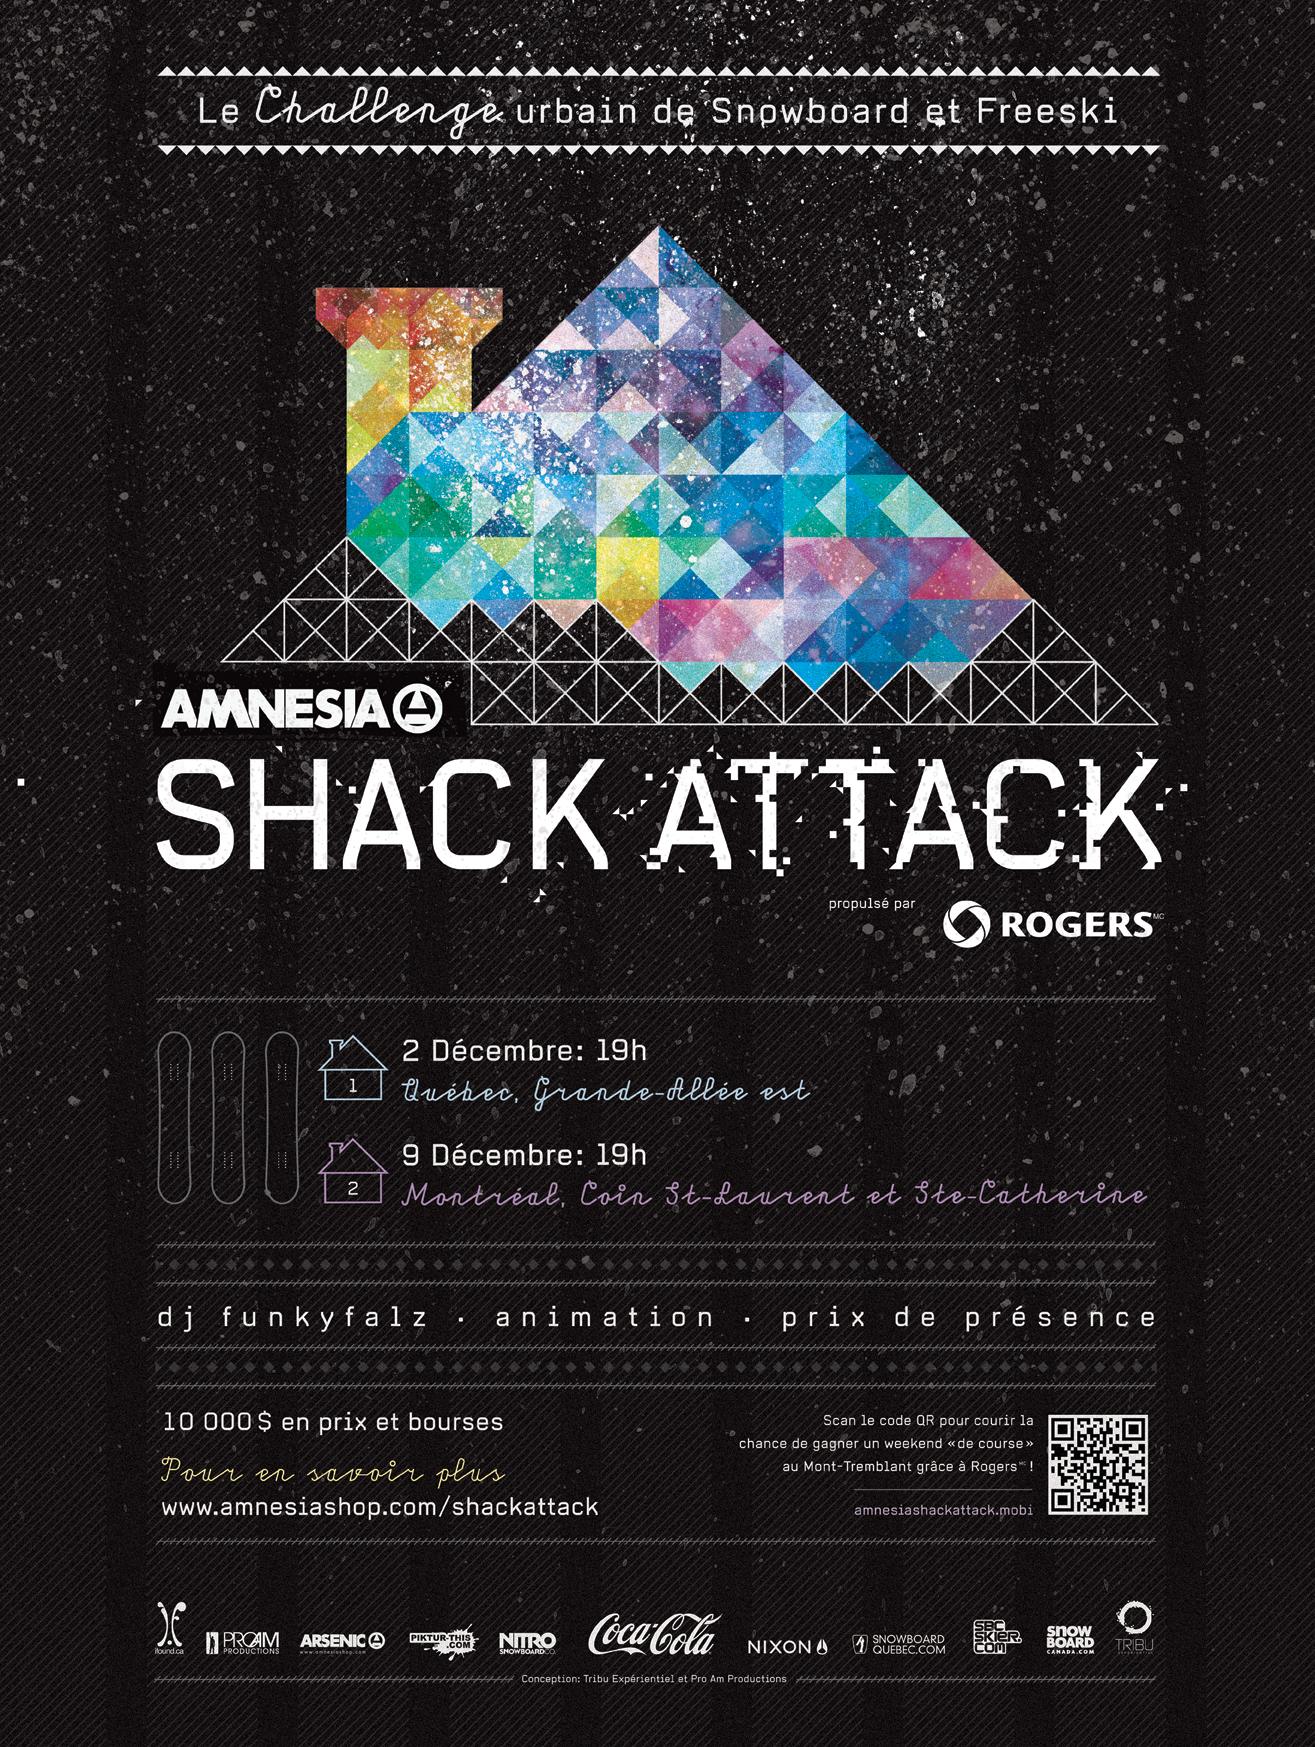 Shack_Attack_poster.jpg